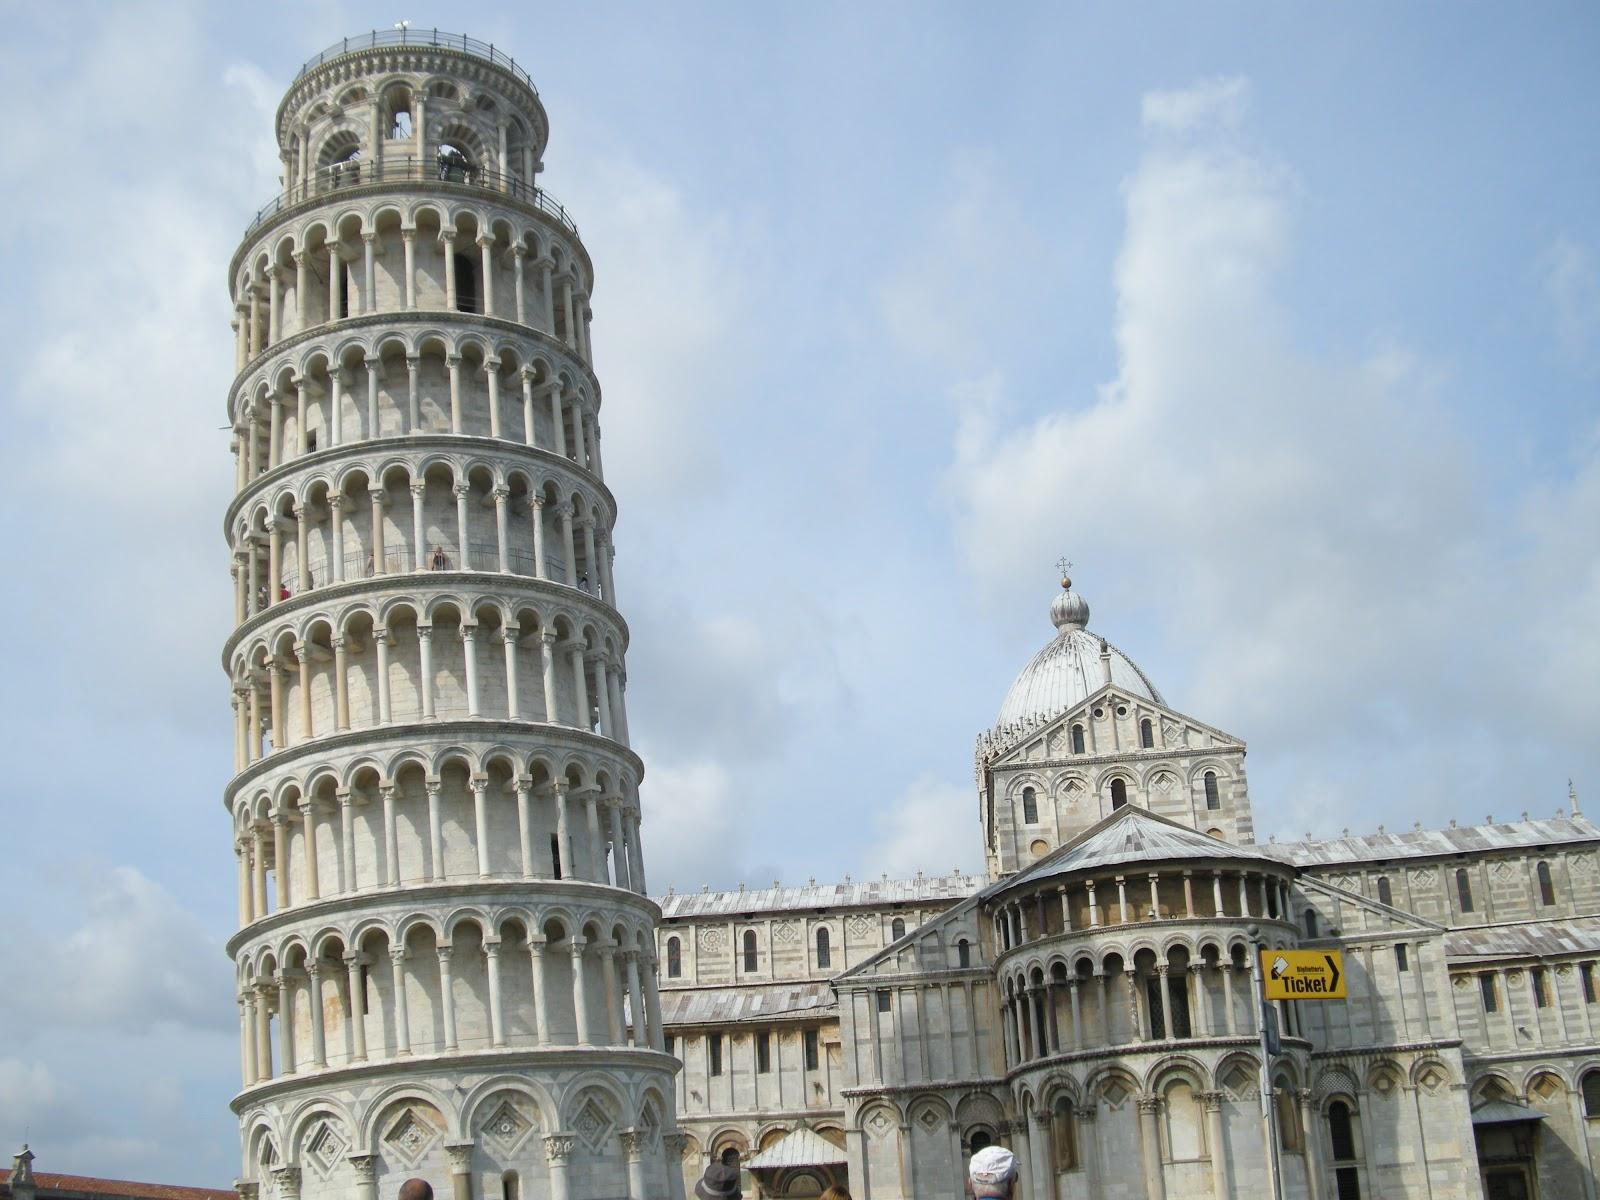 ピサの斜塔の画像 p1_33